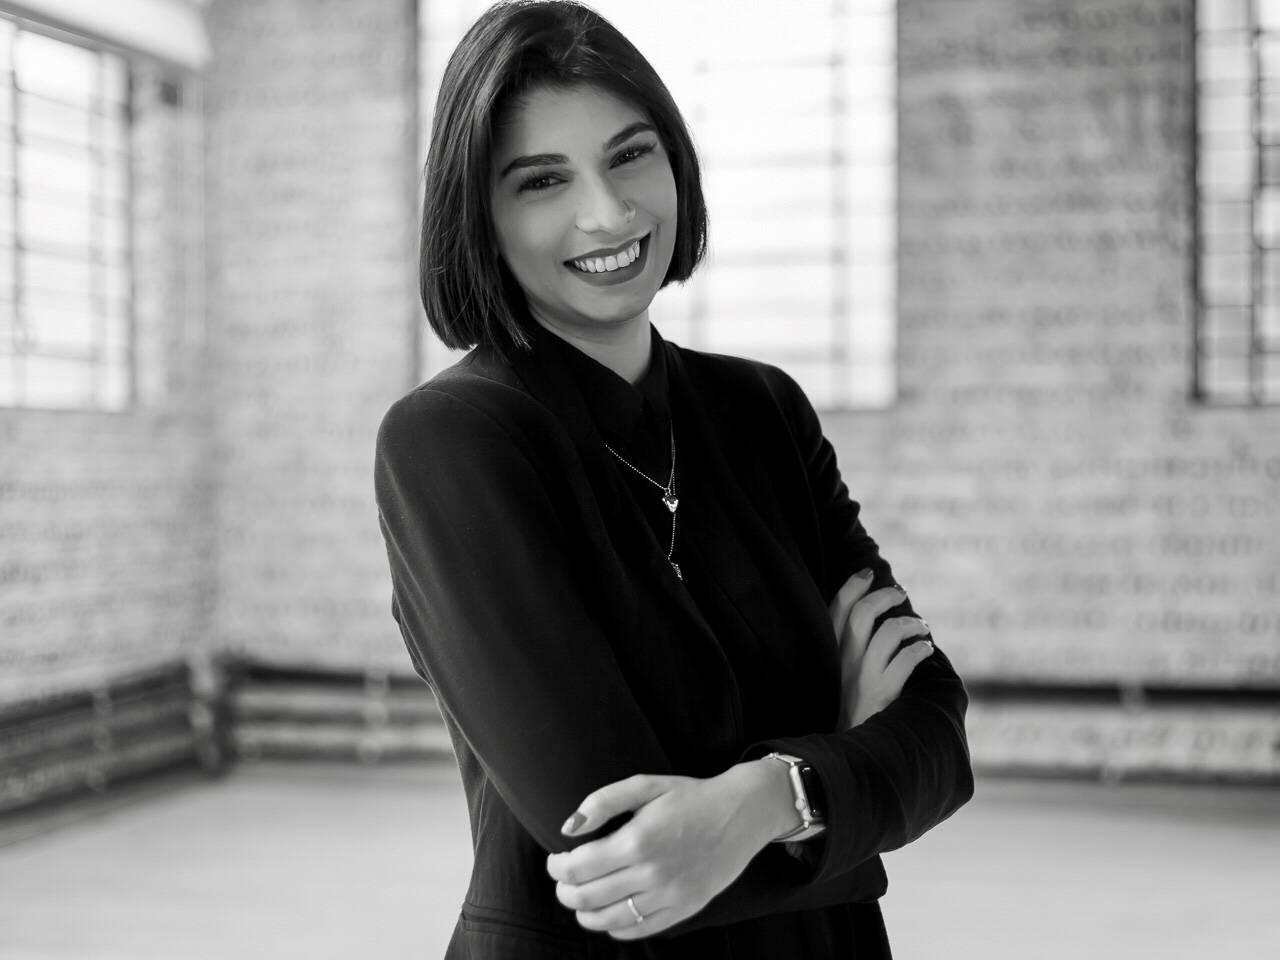 Mariana Eragus de Melo Flores